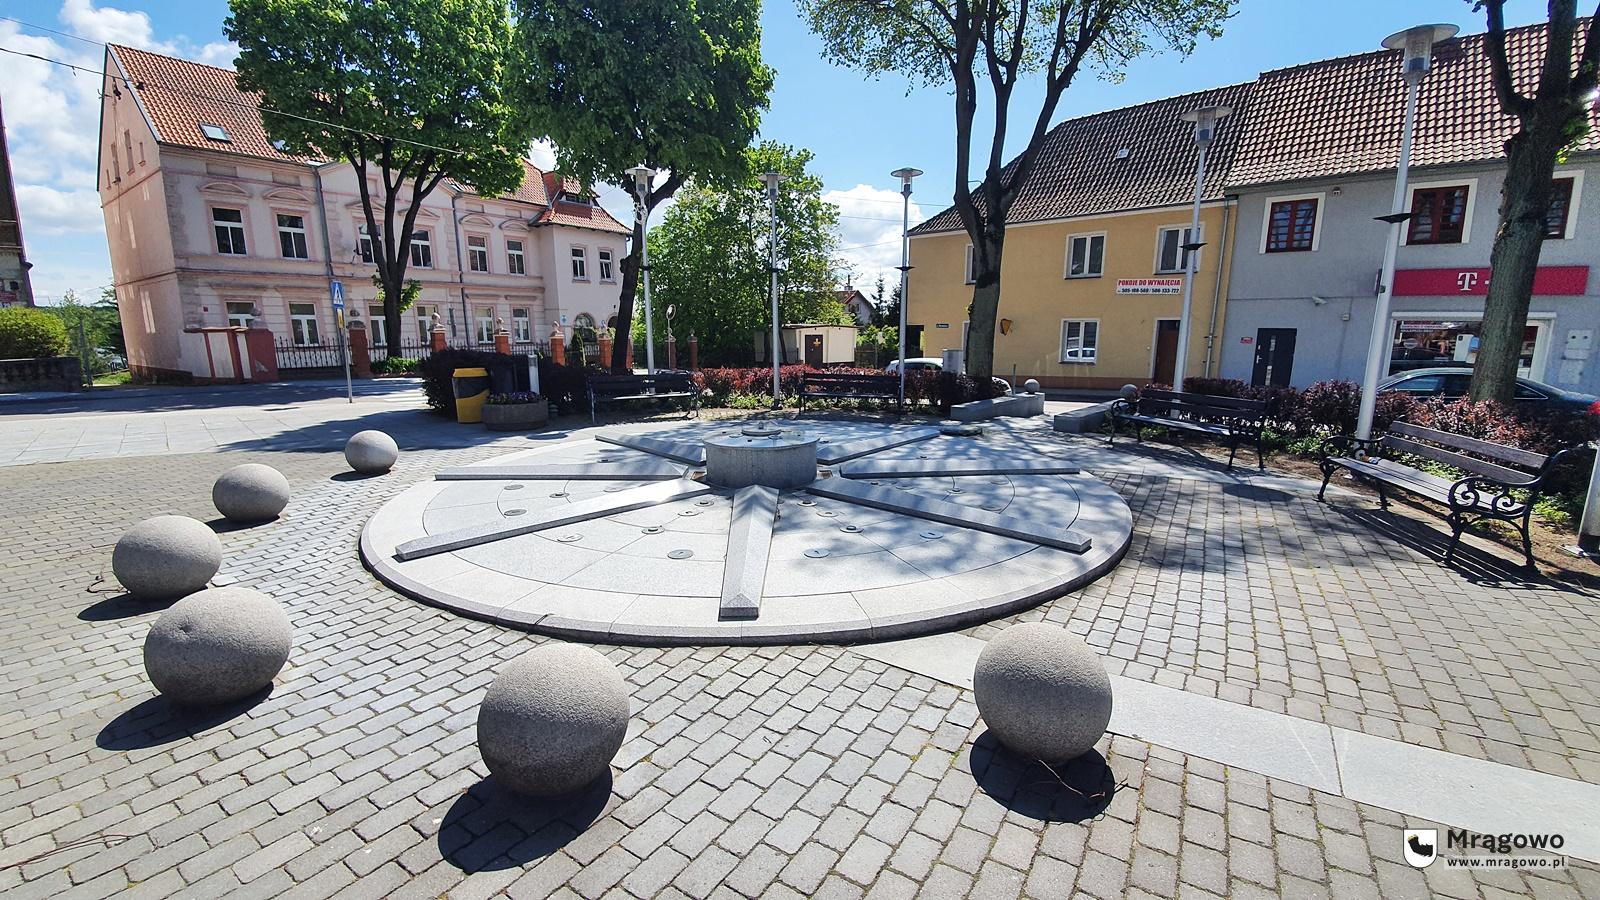 Miejskie fontanny na razie nie będą włączone. Powodem koronawirus